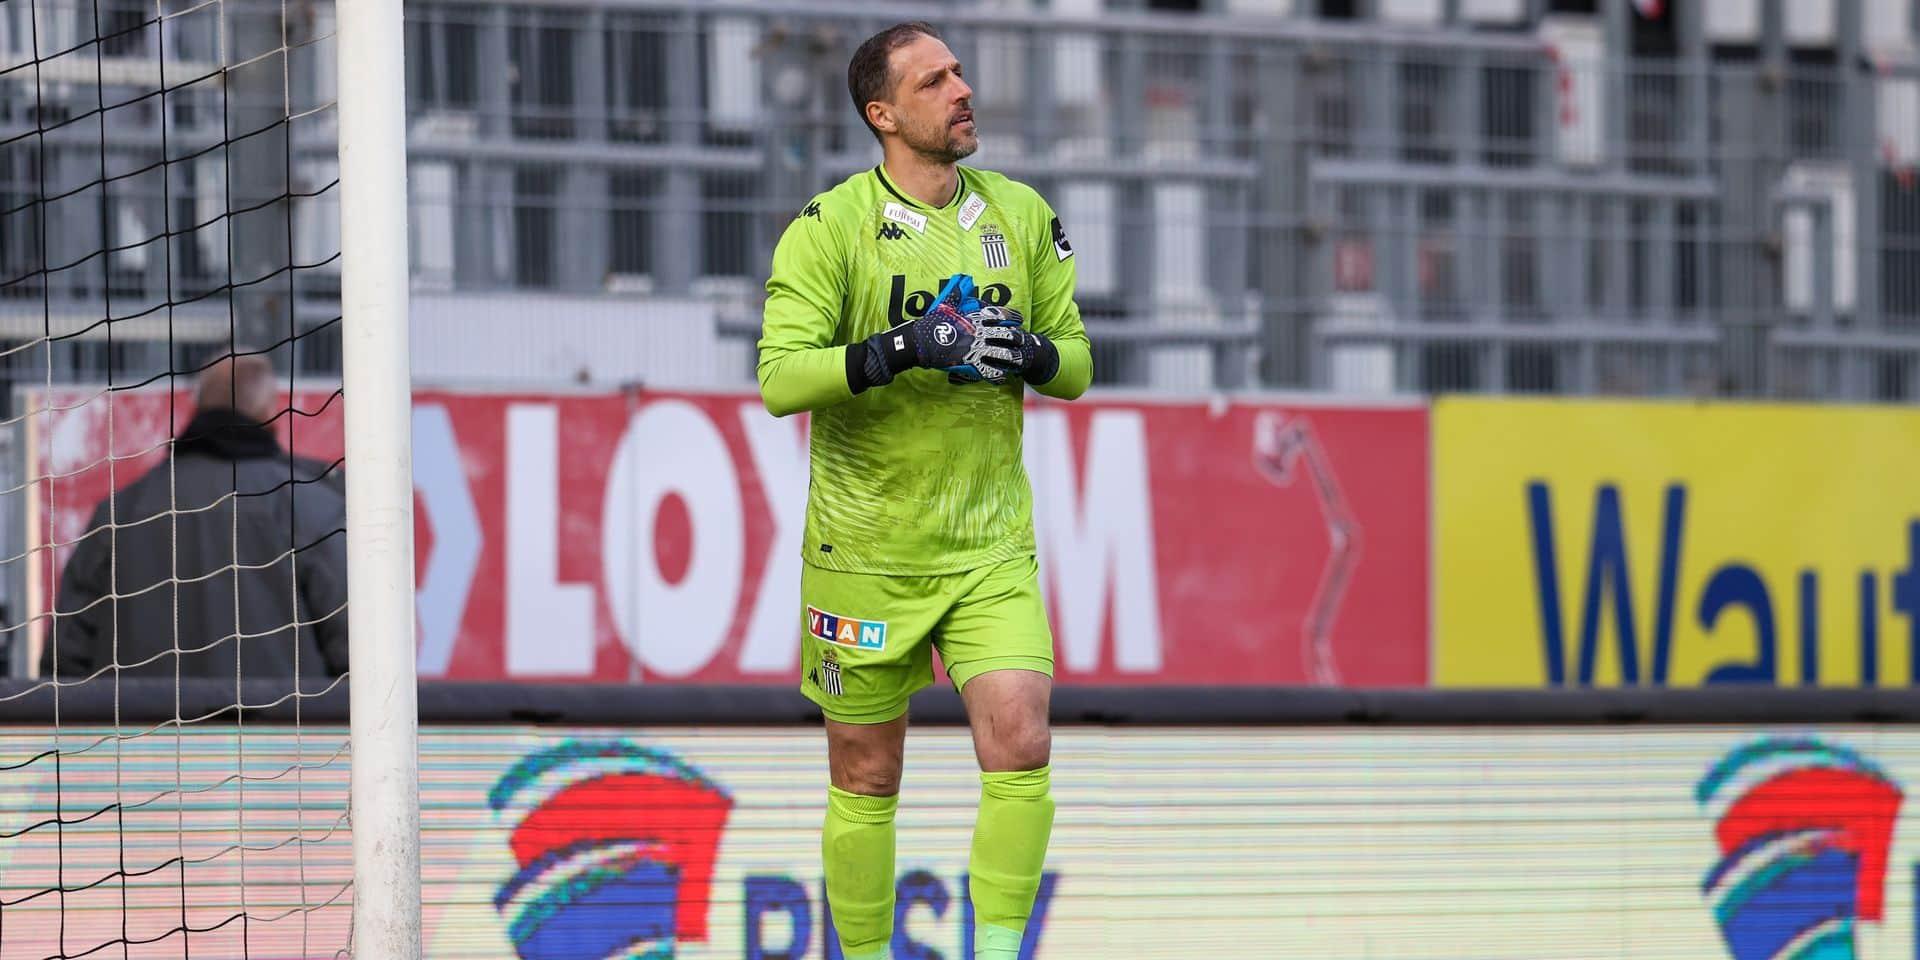 Penneteau a quitté Charleroi pour un contrat de 2 ans à Reims